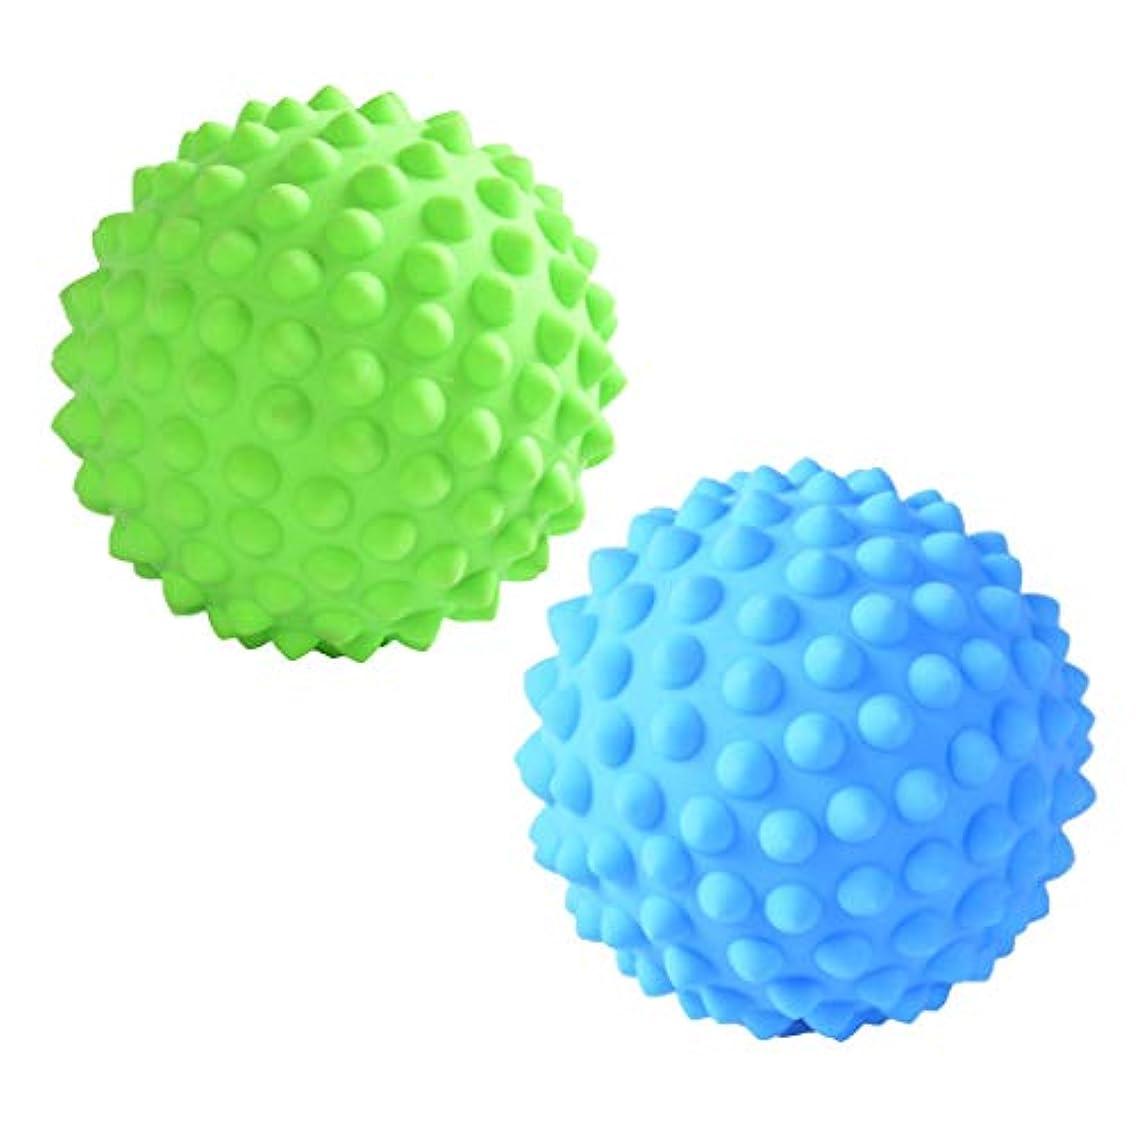 枕審判未就学FLAMEER 2個 マッサージローラーボール 指圧ボール PVC トリガーポイント 疲れ解消ボール ヨガ 疲労軽減